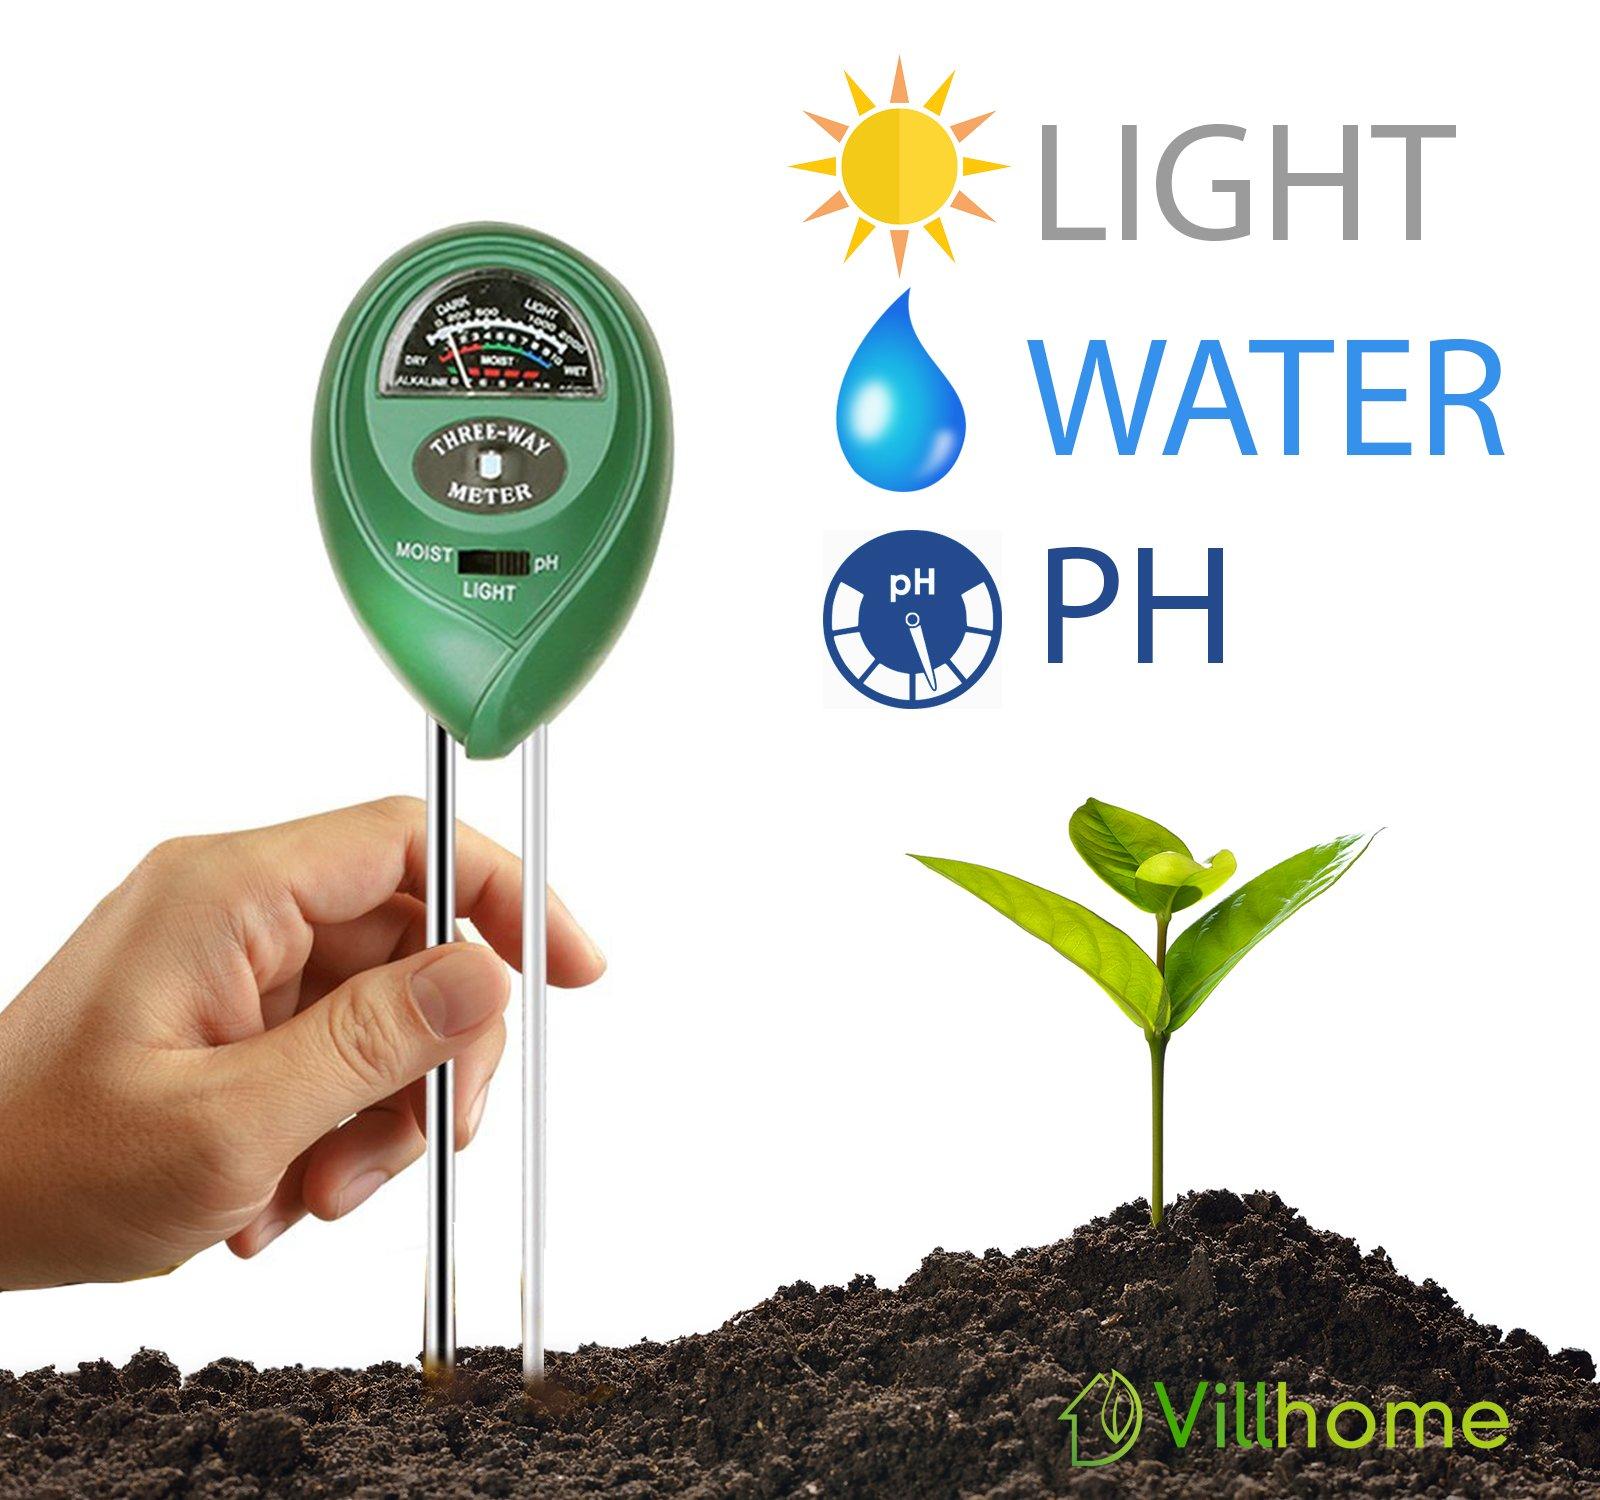 Soil pH Meter, 3-in-1 Soil Test Kit For Moisture, Light & pH, A Must Have Soil pH Meter For Home and Garden, Lawn, Indoor/Outdoors Plant Care Soil pH Tester, Best Soil pH Meter for 2018